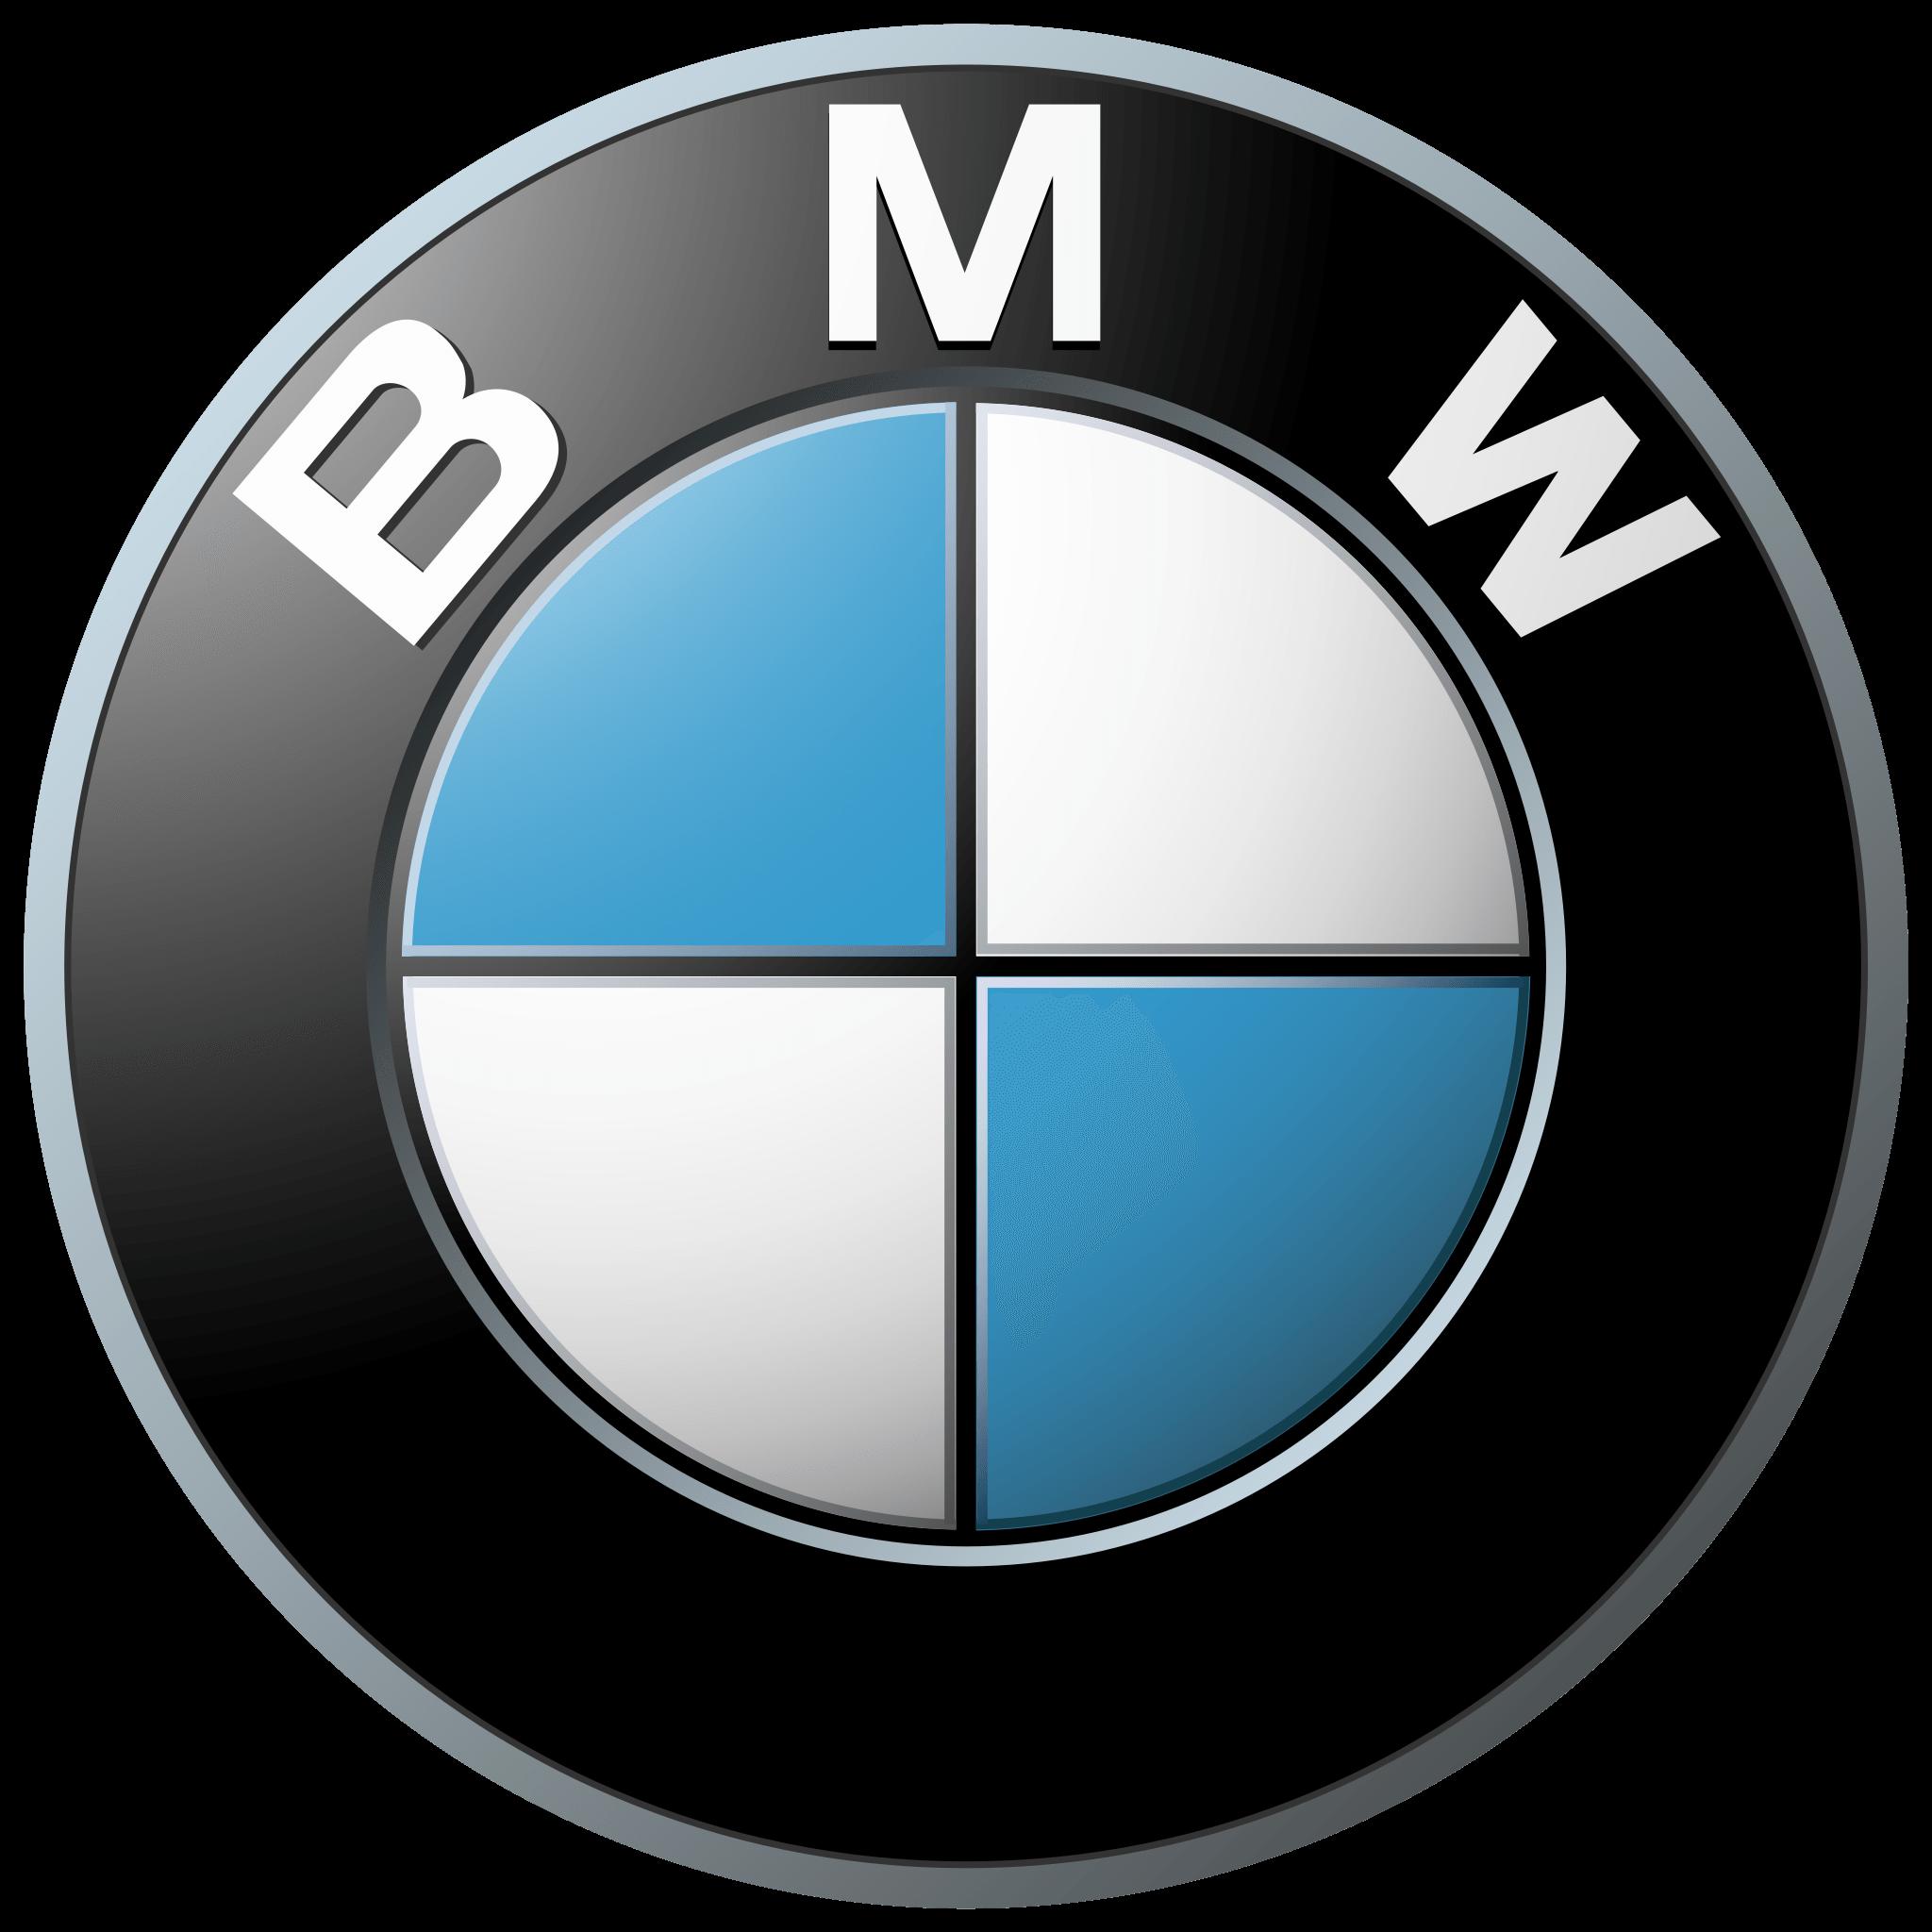 bmw-refaire-cle-serrurier-automobile-voi